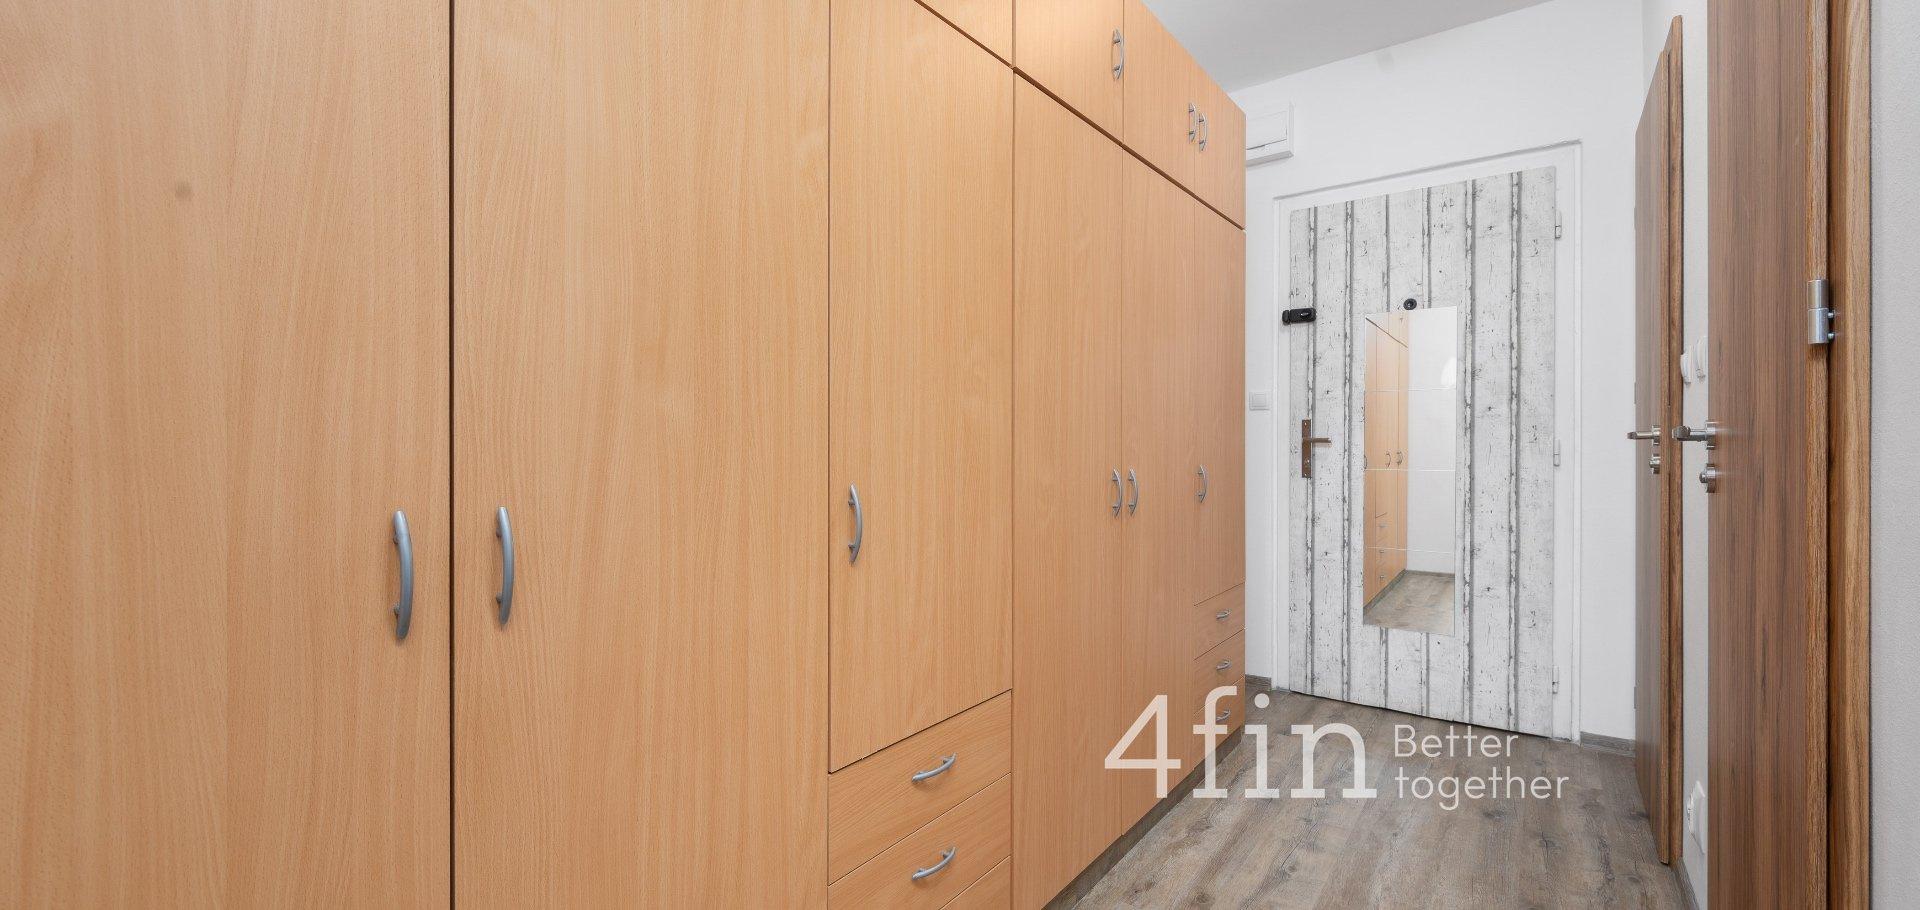 Pronájem bytu 2+kk po kompletní rekonstrukci, 43m² - Kolín IV